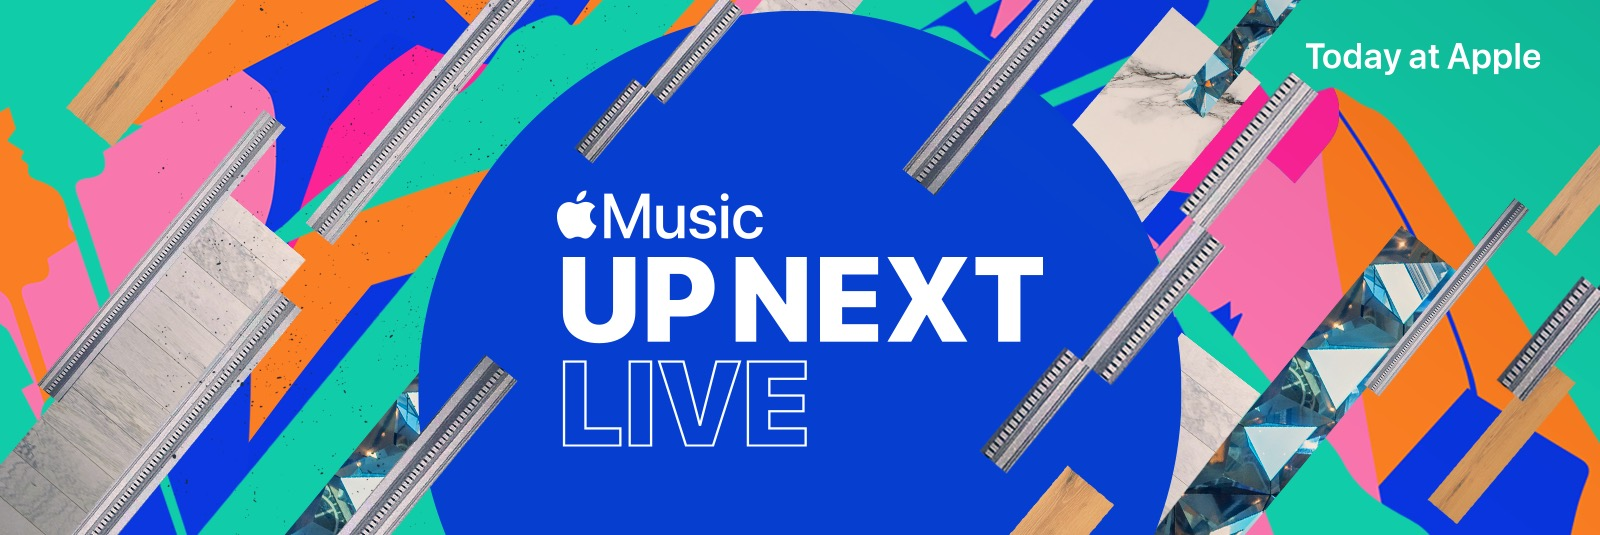 """Evento musical """"Up Next Live"""", da Apple"""